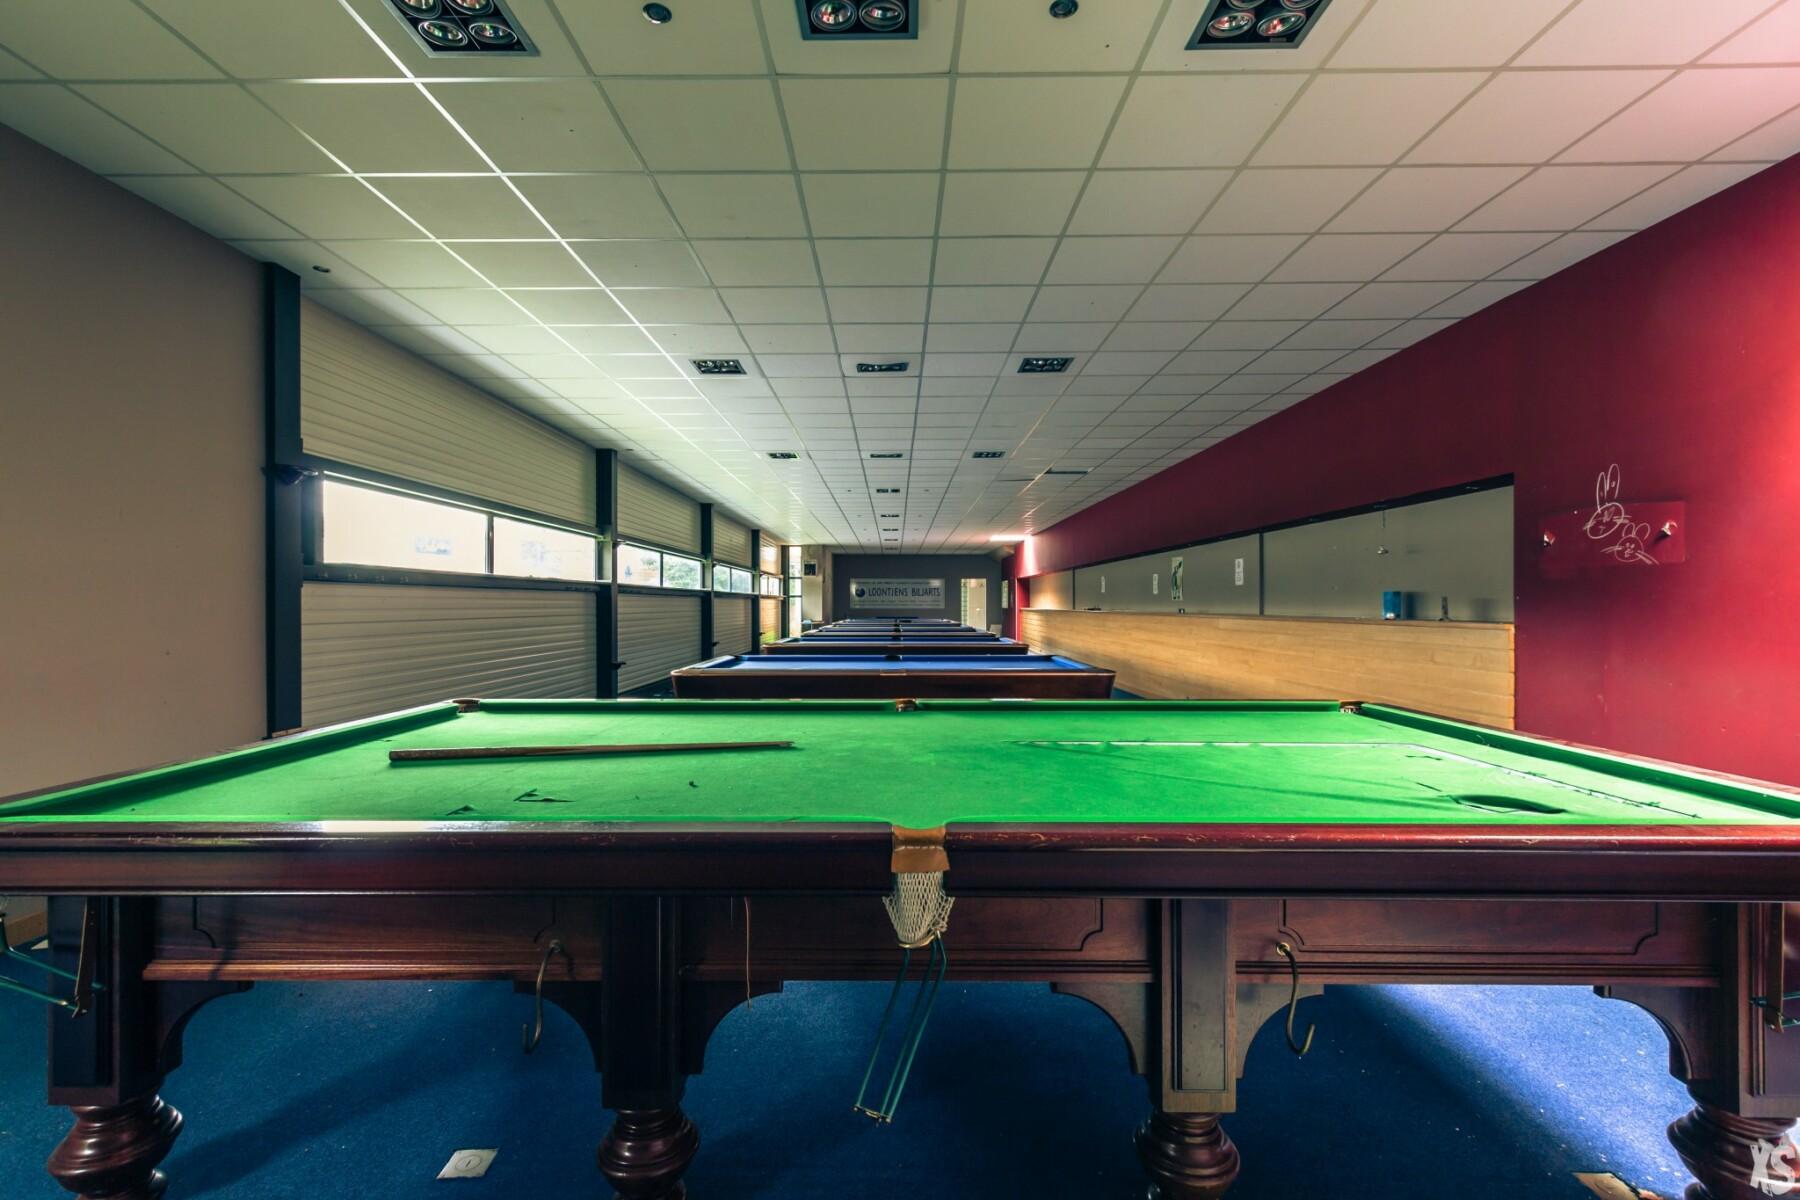 Bowling abandonné en Belgique | urbexsession.com/bowling-artur-ryno | Urbex Belgique